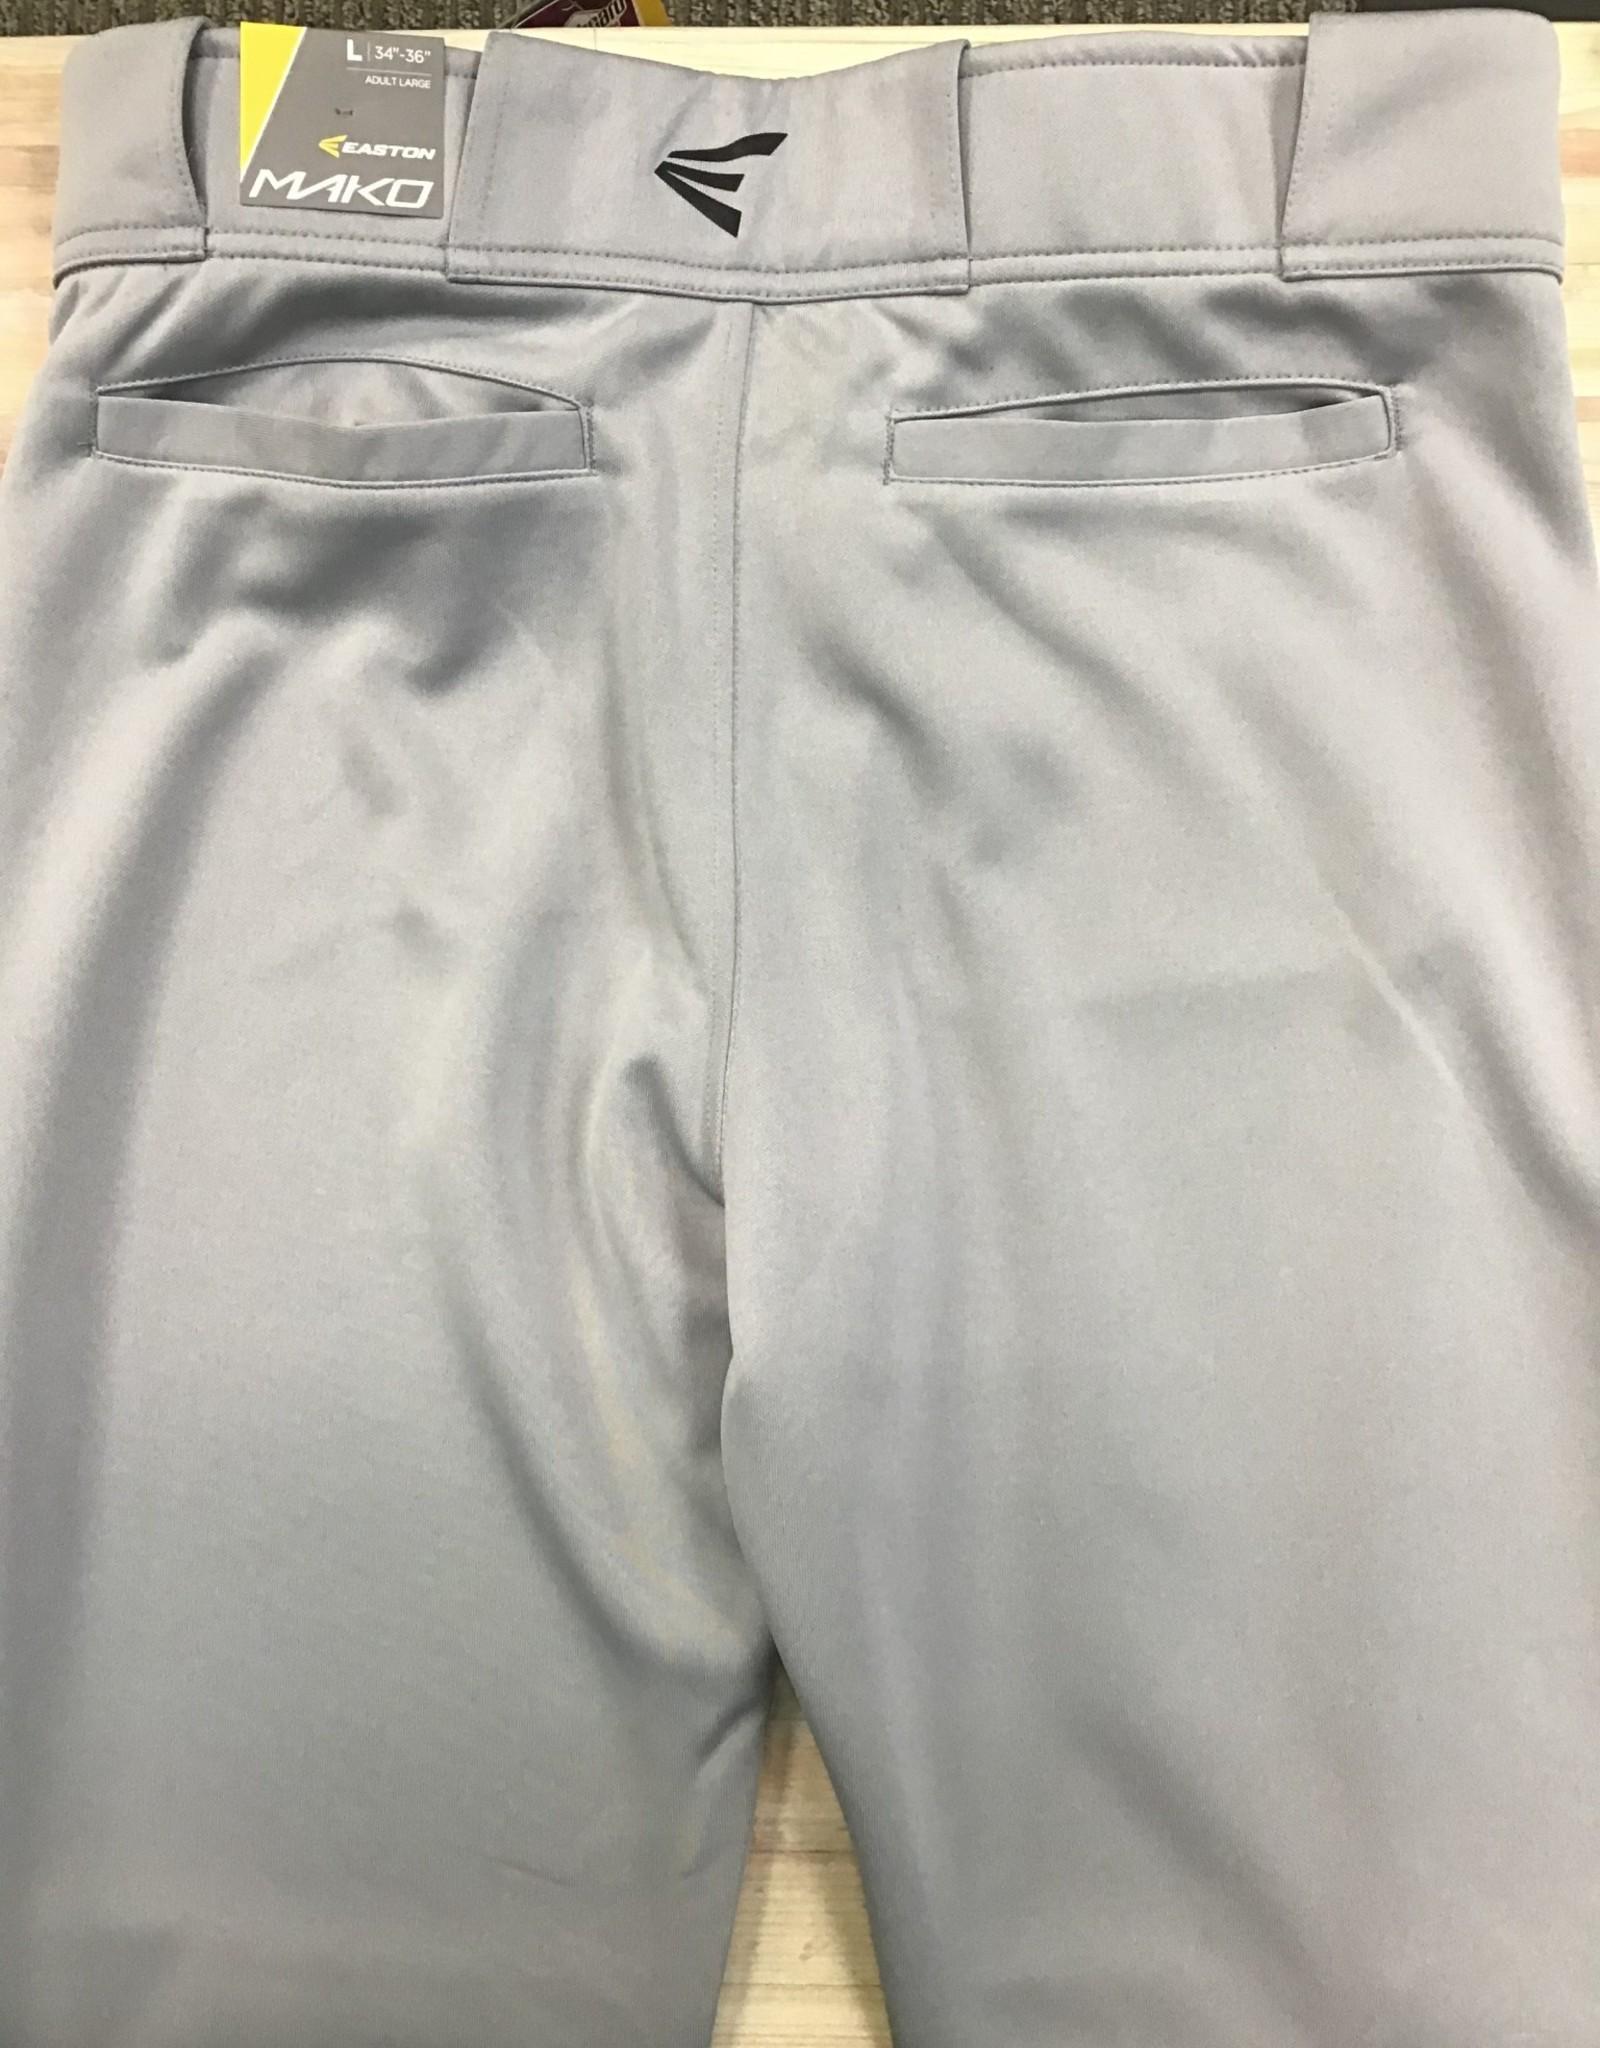 Easton Easton A167100 Mako 2 Pant Men's